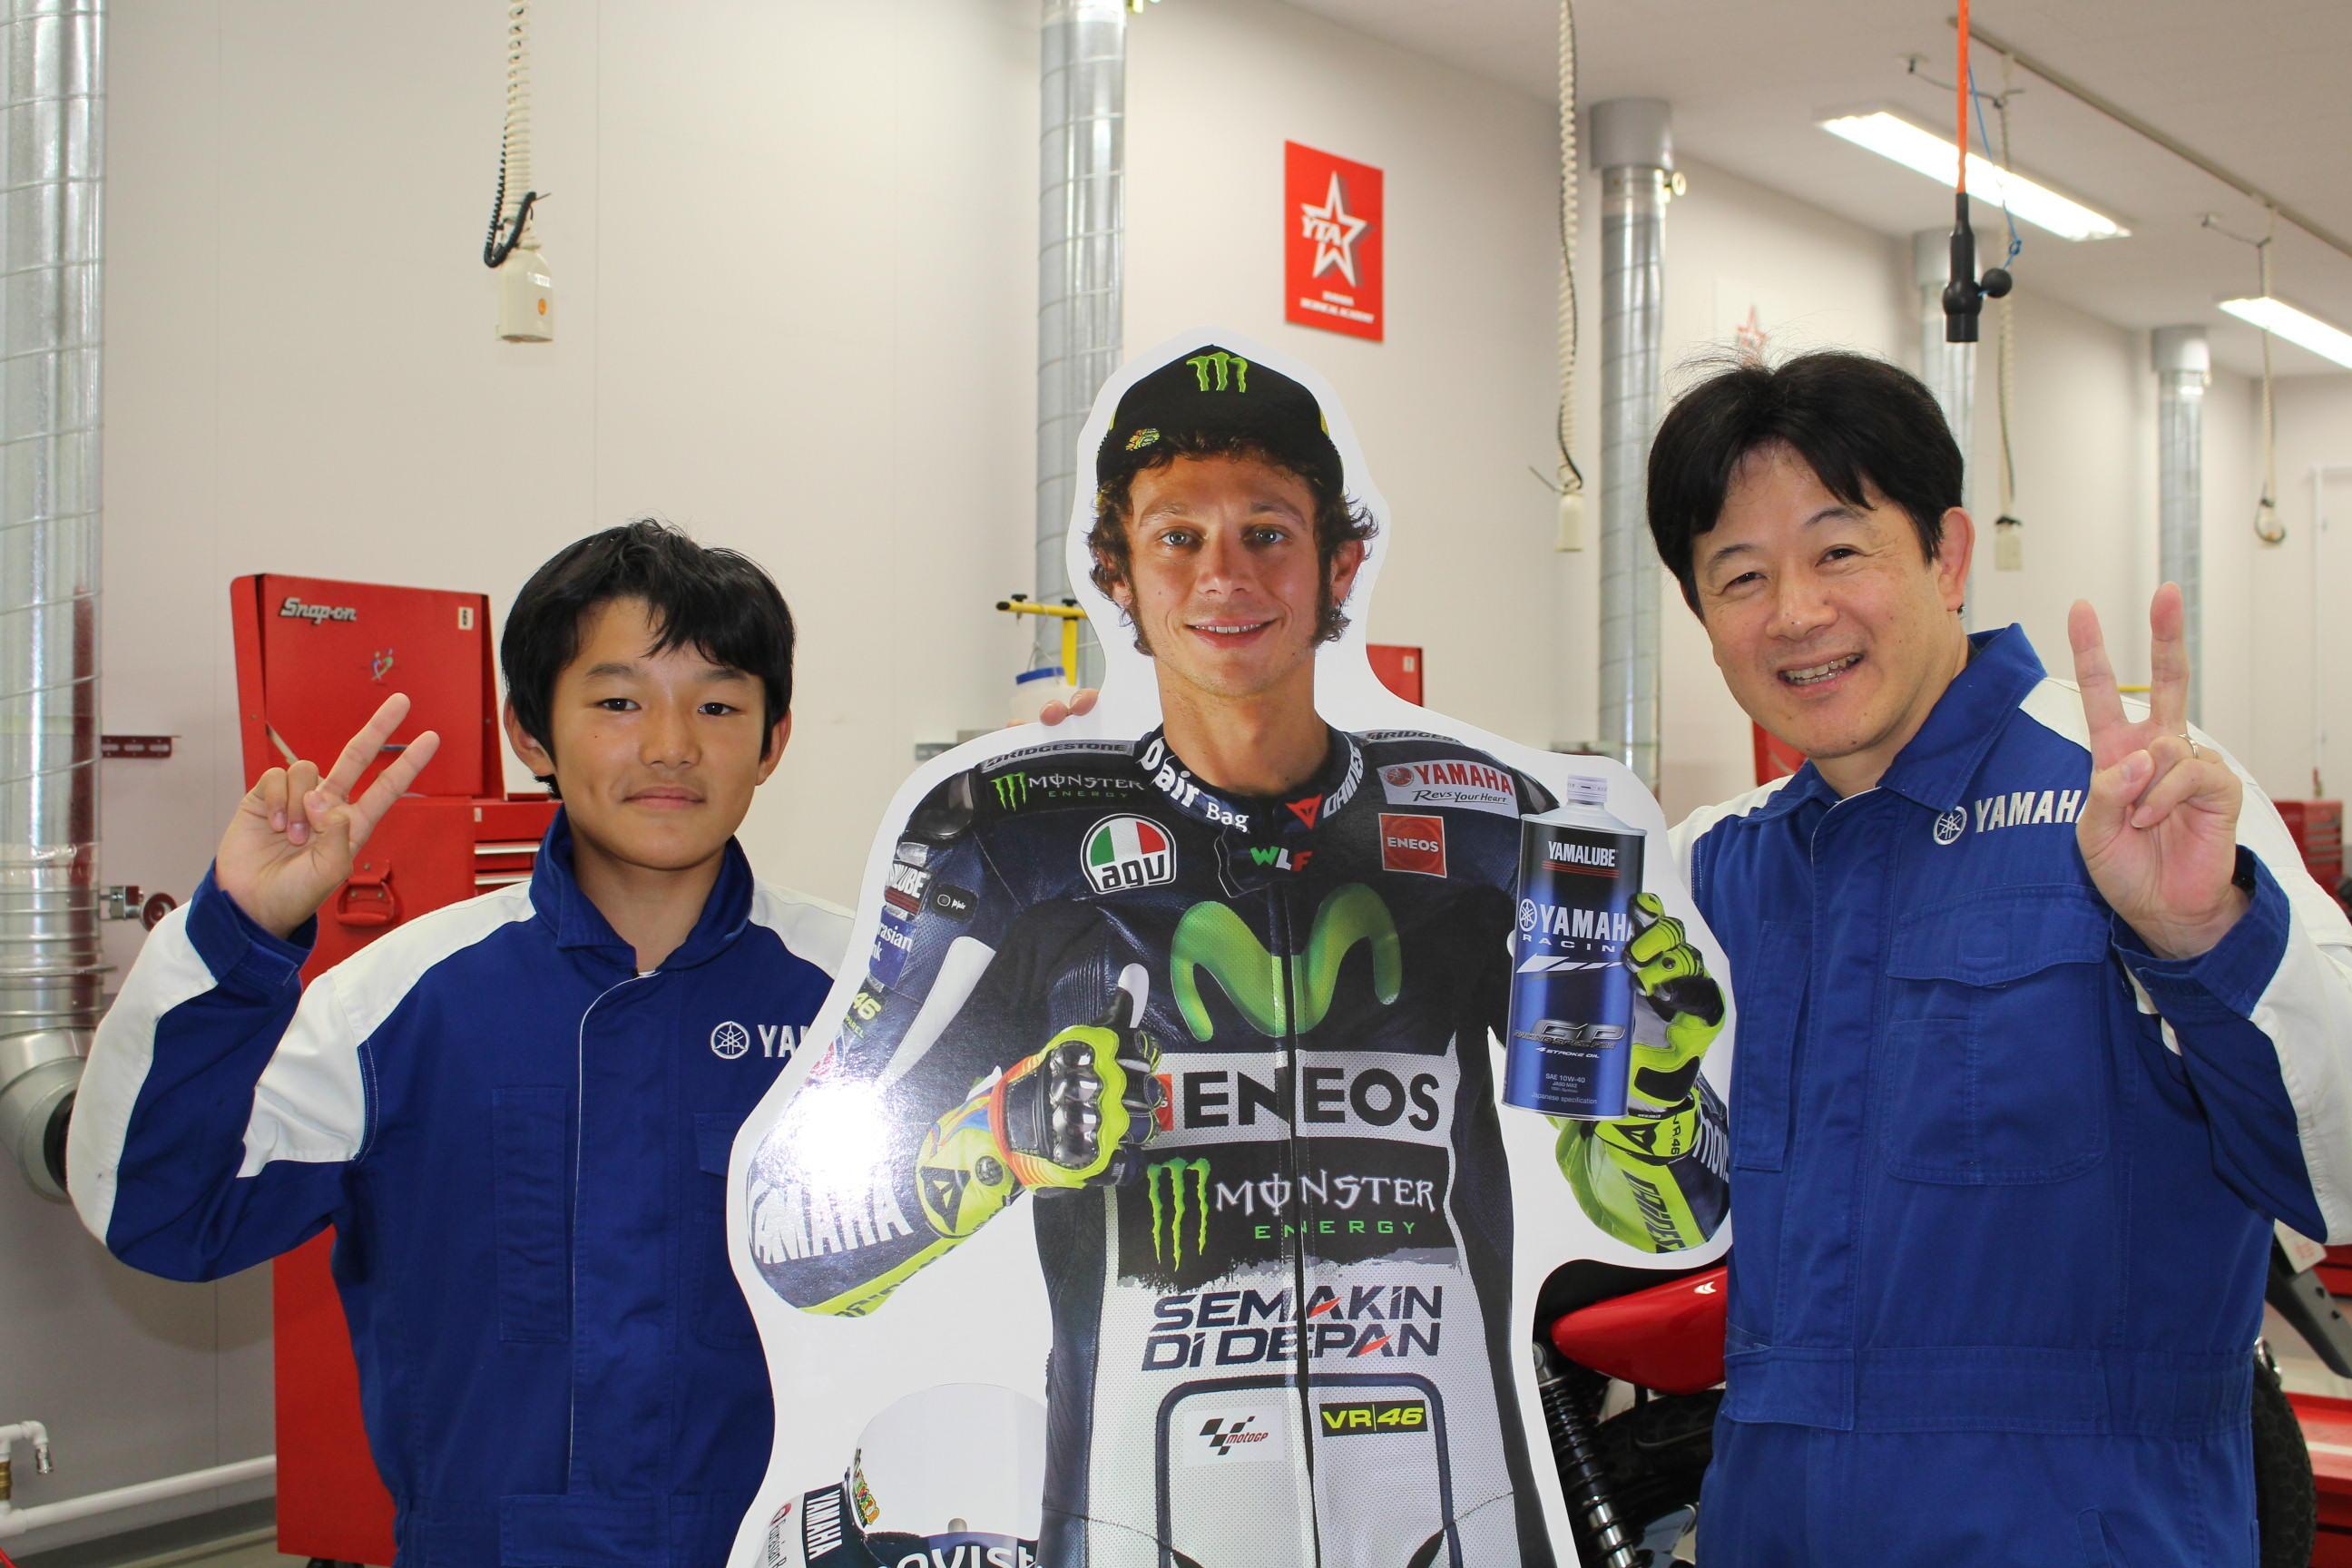 こちらは、ヤマハ親子バイク教室参加後、年に2回のミニバイク耐久レースに参加したという男の子。お父さんもロード系レースをやっているそう!「非常に楽しくあっという間の時間でした。貴重な体験ができて親子共々充実した日になりました!」